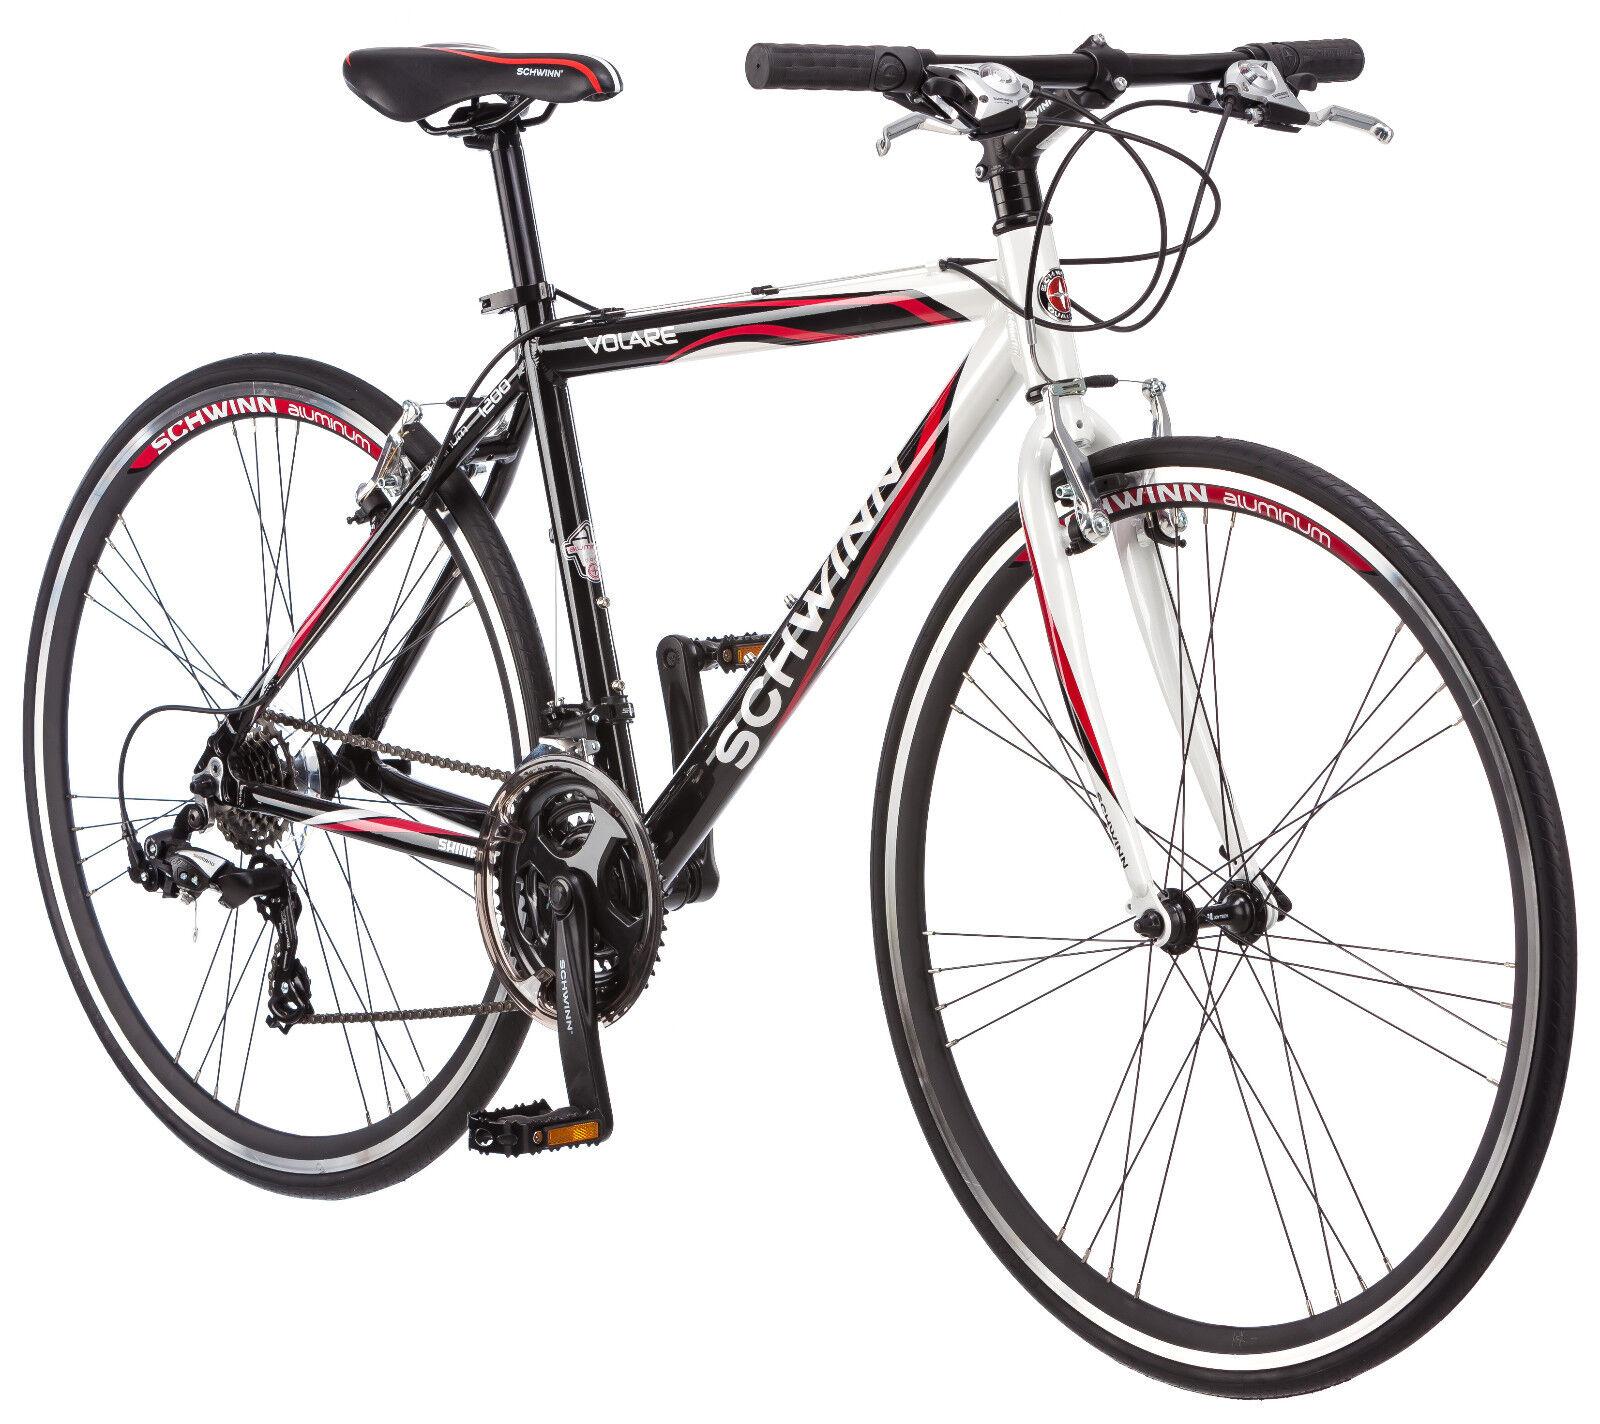 700c Schwinn Men's Volare 1200 Fitness Hybrid Bike, White/Black/Red